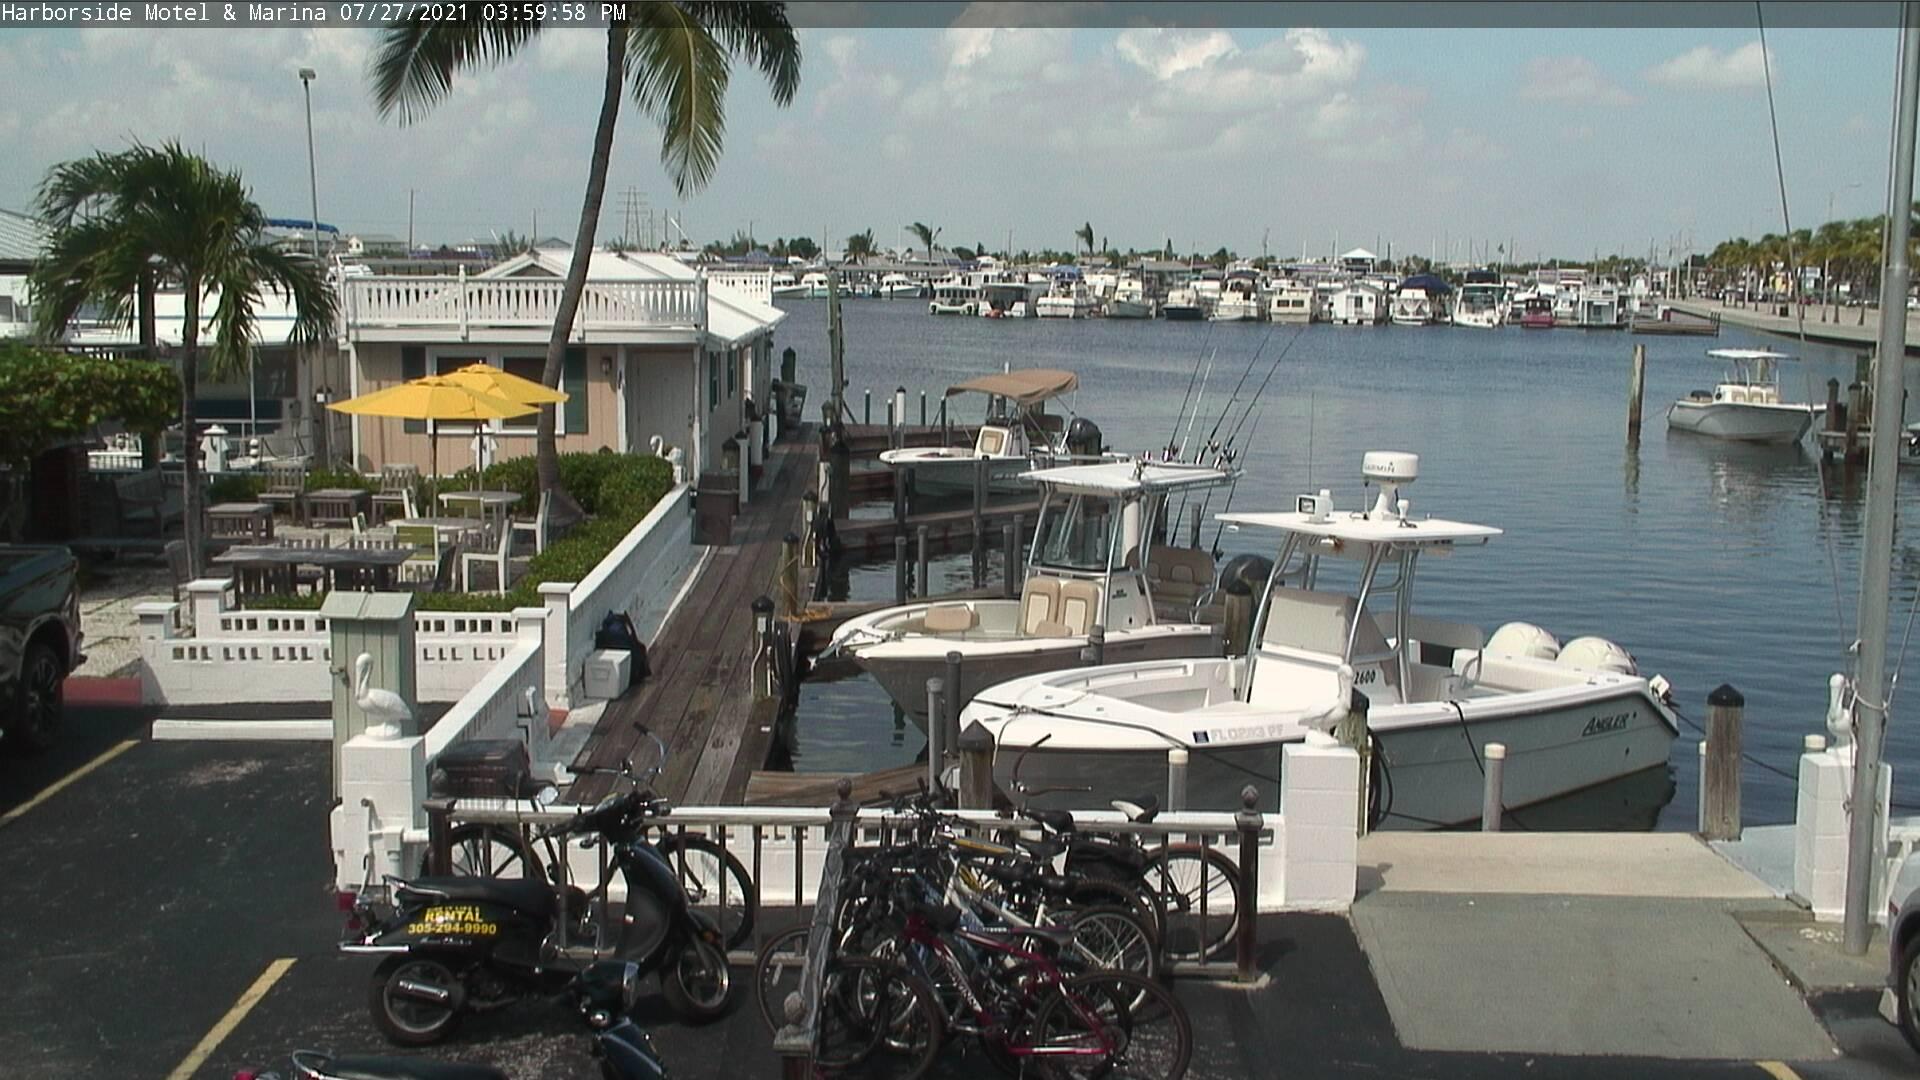 Key West Florida Webcam – Harborside Motel & Marina